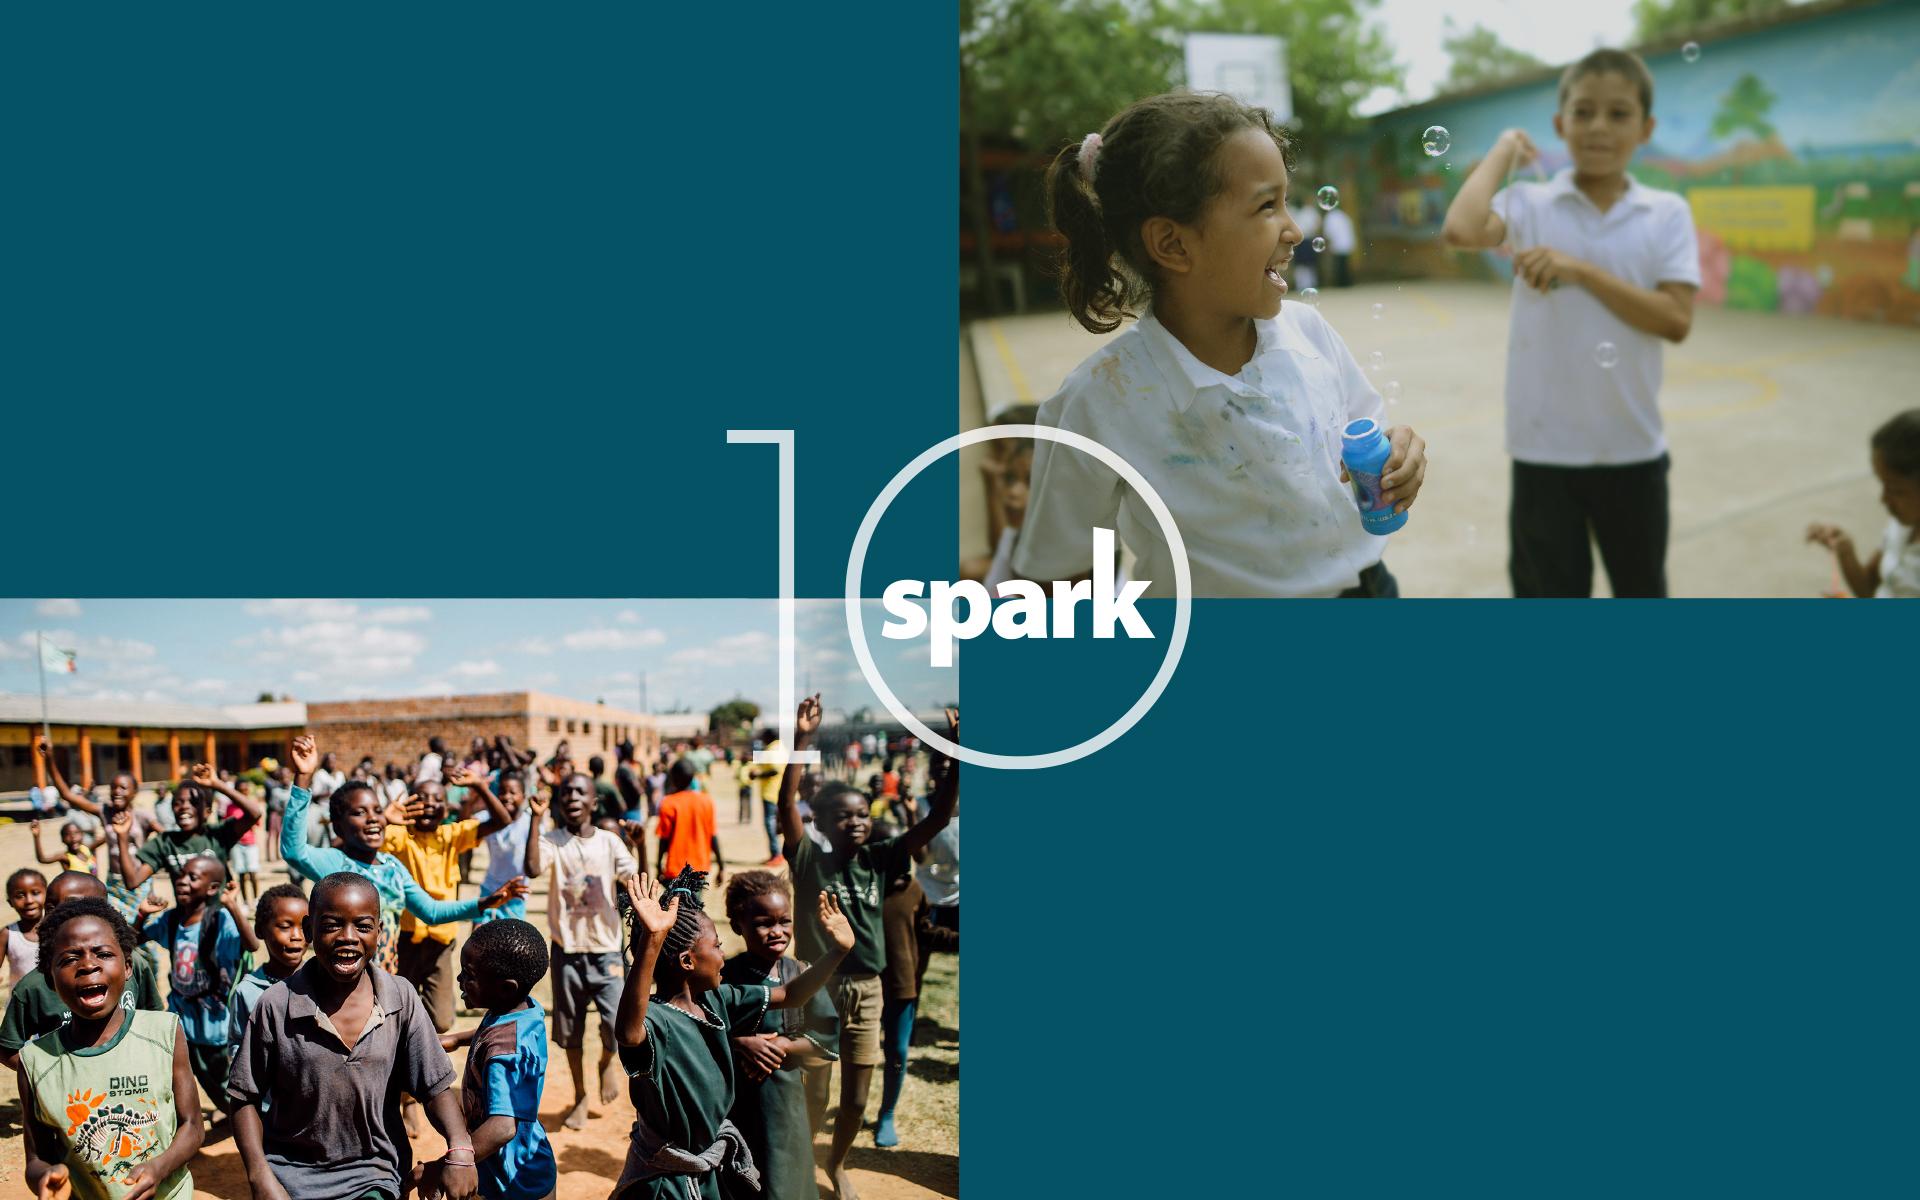 Spark 10